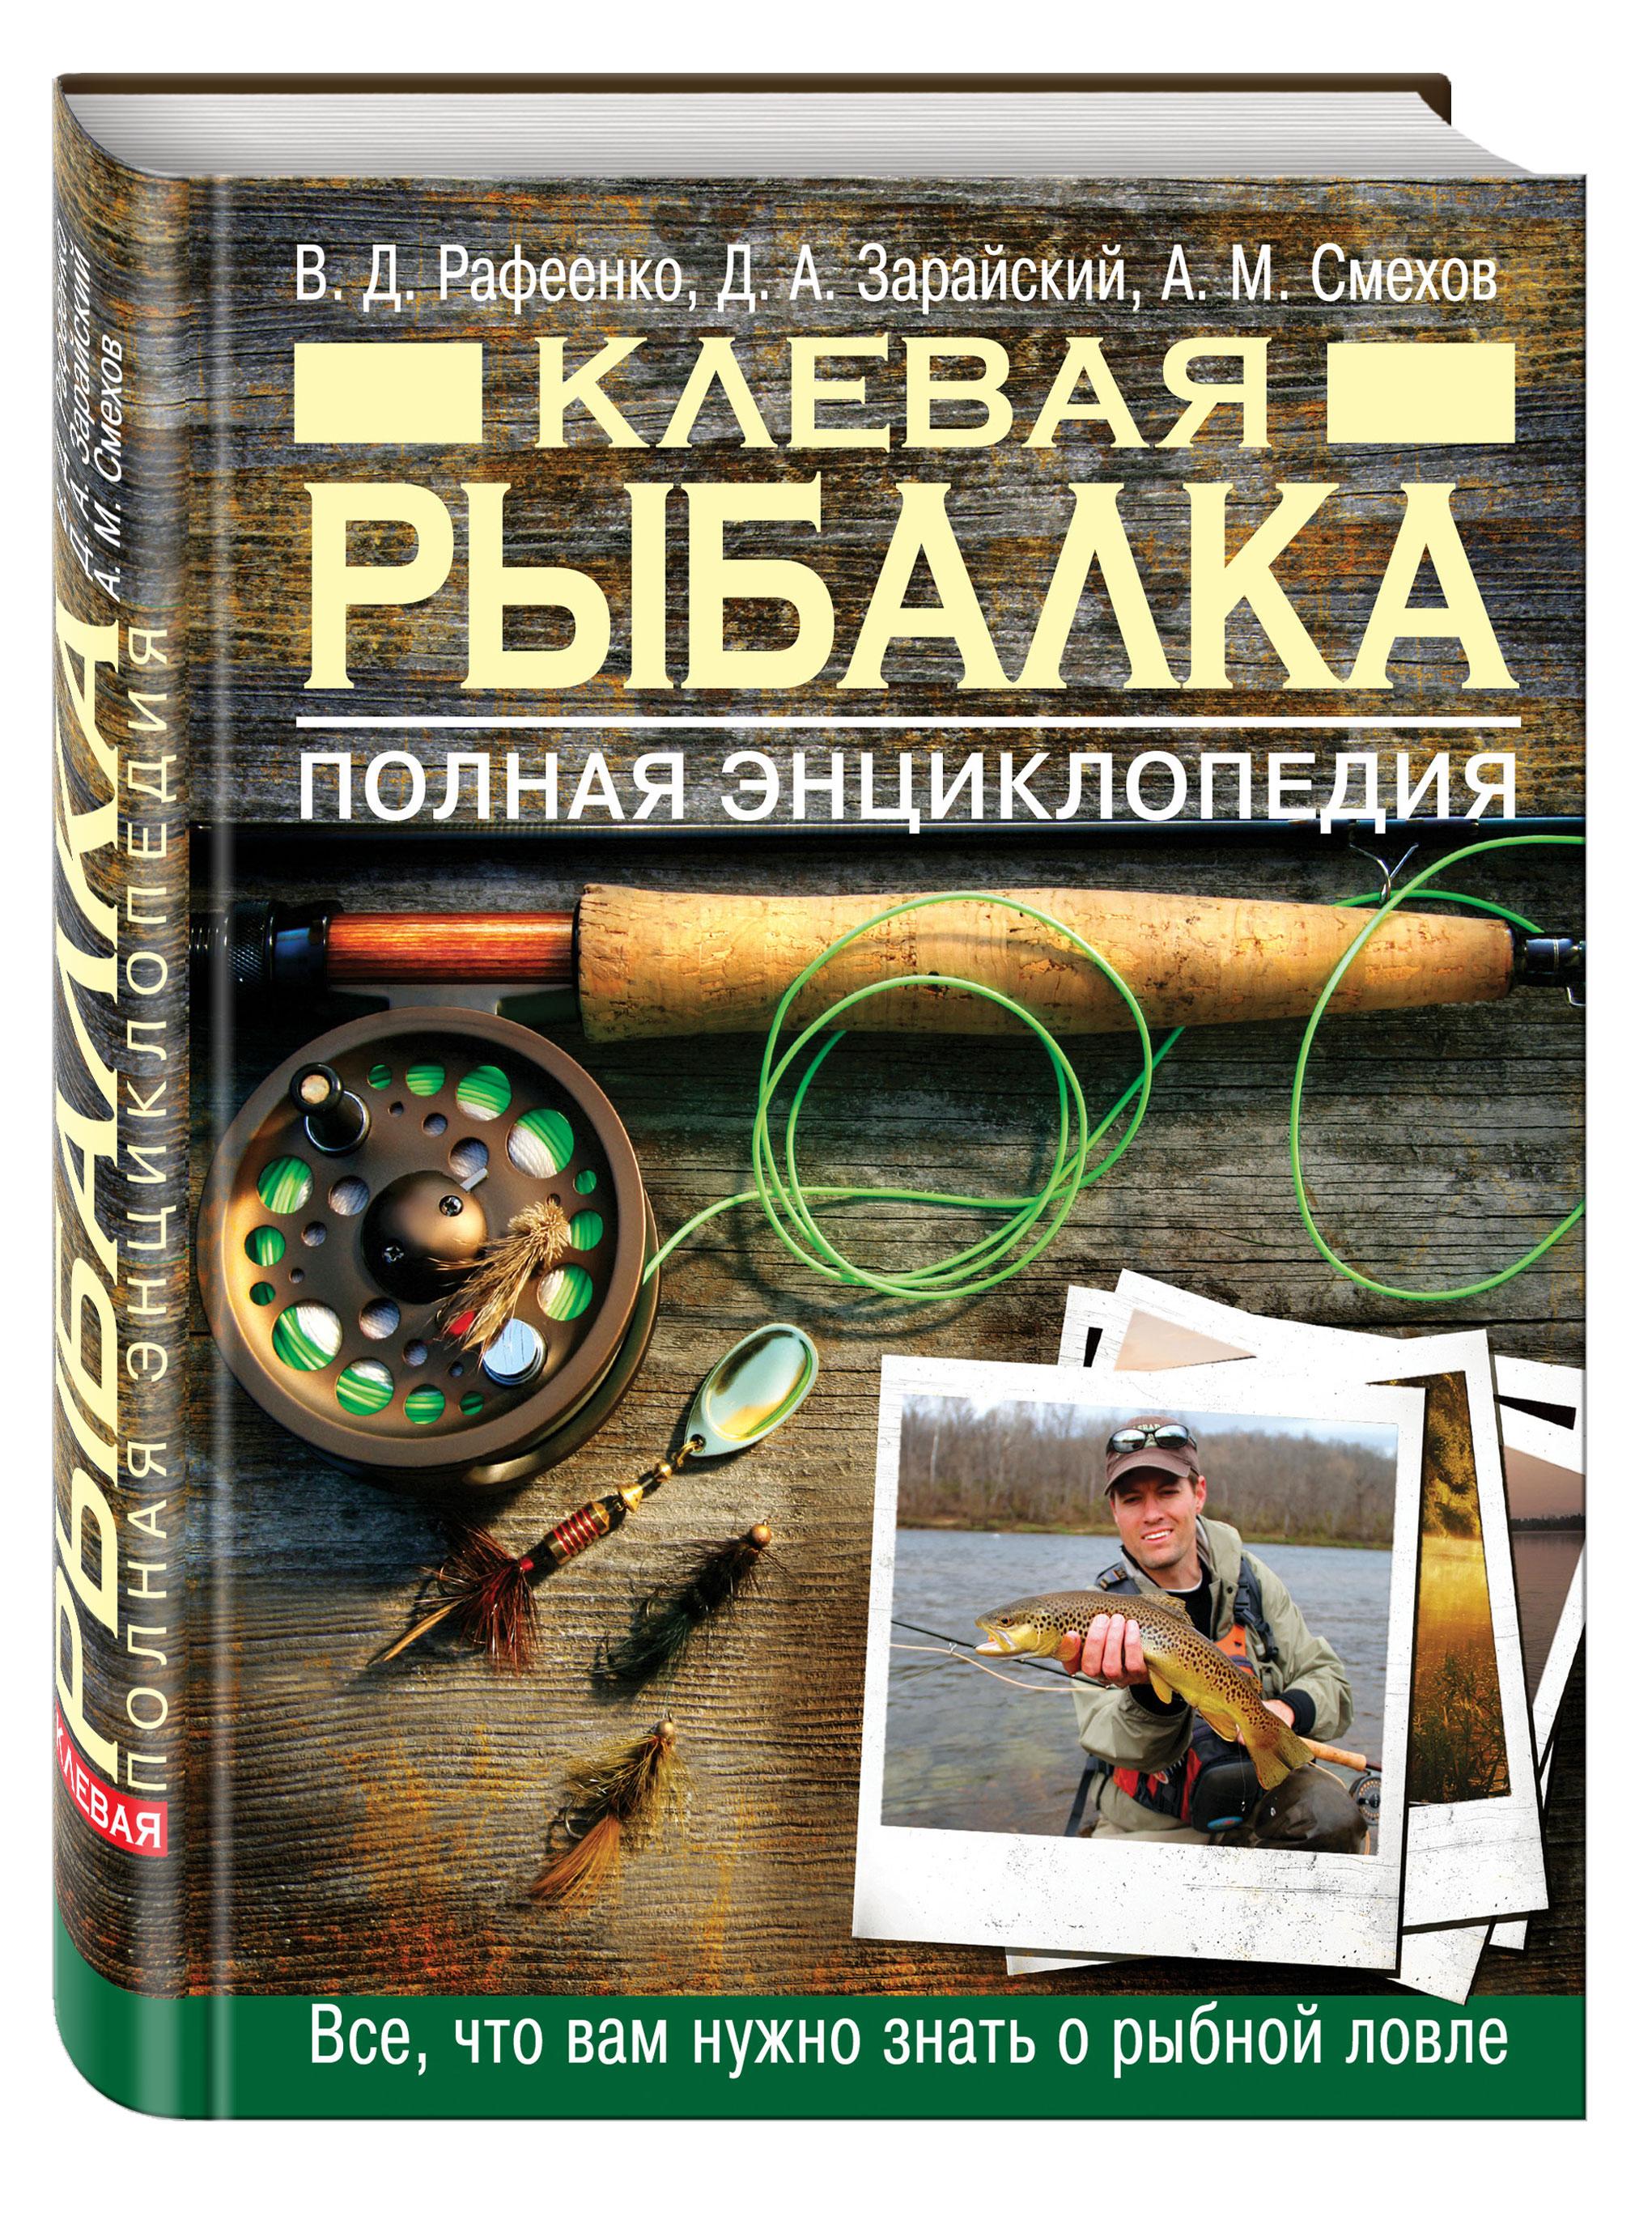 Клевая рыбалка. Полная энциклопедия, 2-е издание ( Рафеенко В.Д., Смехов А.М., Зарайский Д.А.  )